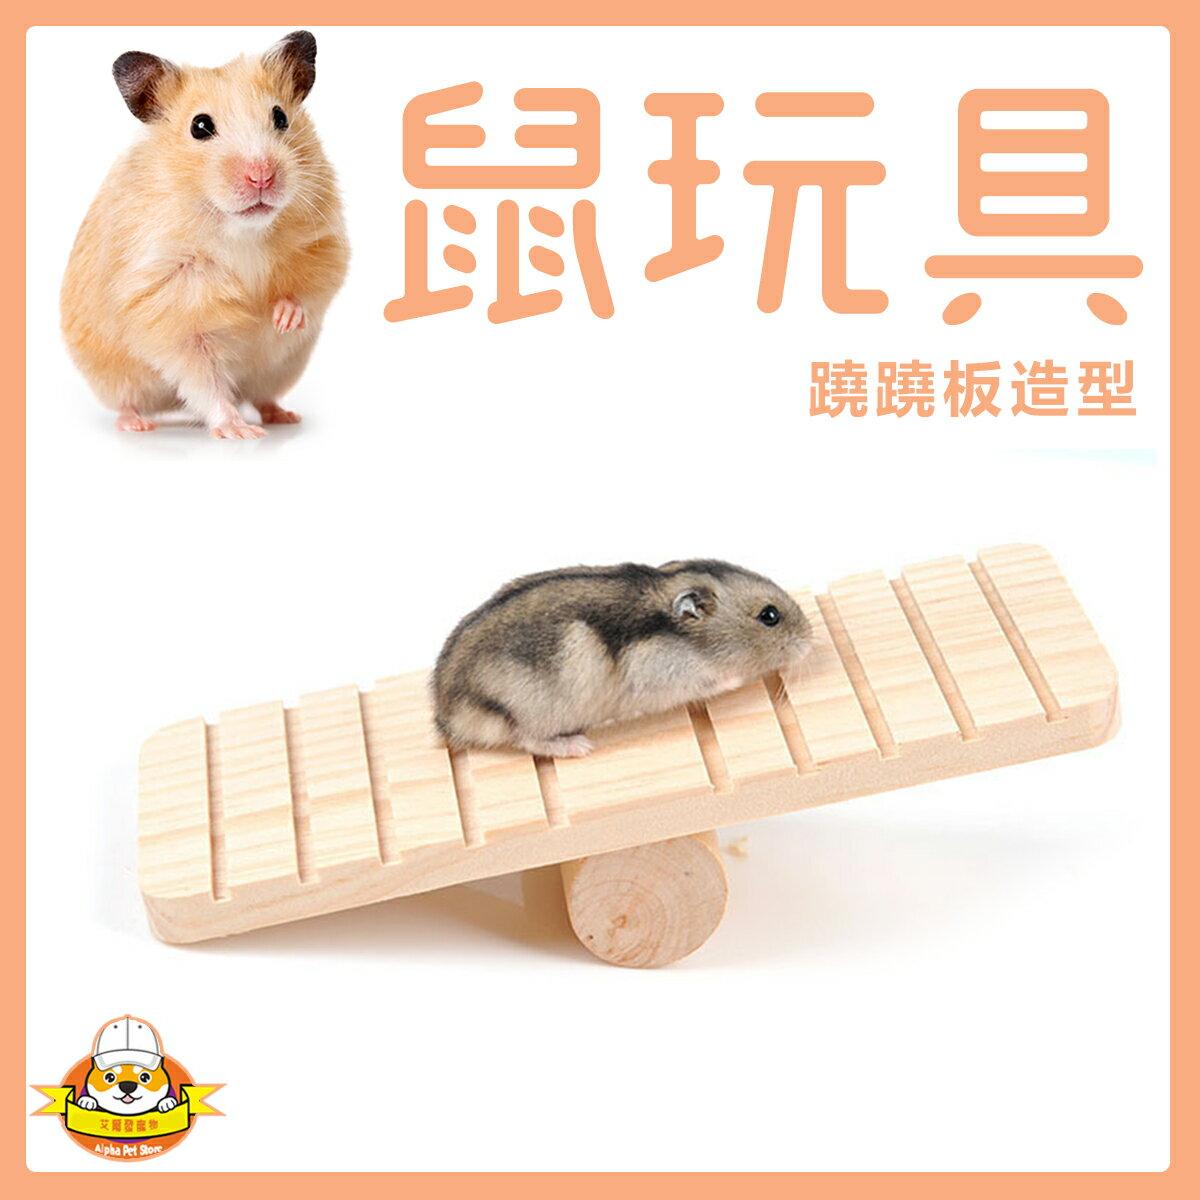 倉鼠蹺蹺板玩具 鼠屋 鼠窩 老鼠玩具 倉鼠玩具 銀狐 三線鼠 一線鼠 黃金鼠 楓葉鼠 布丁 通心粉